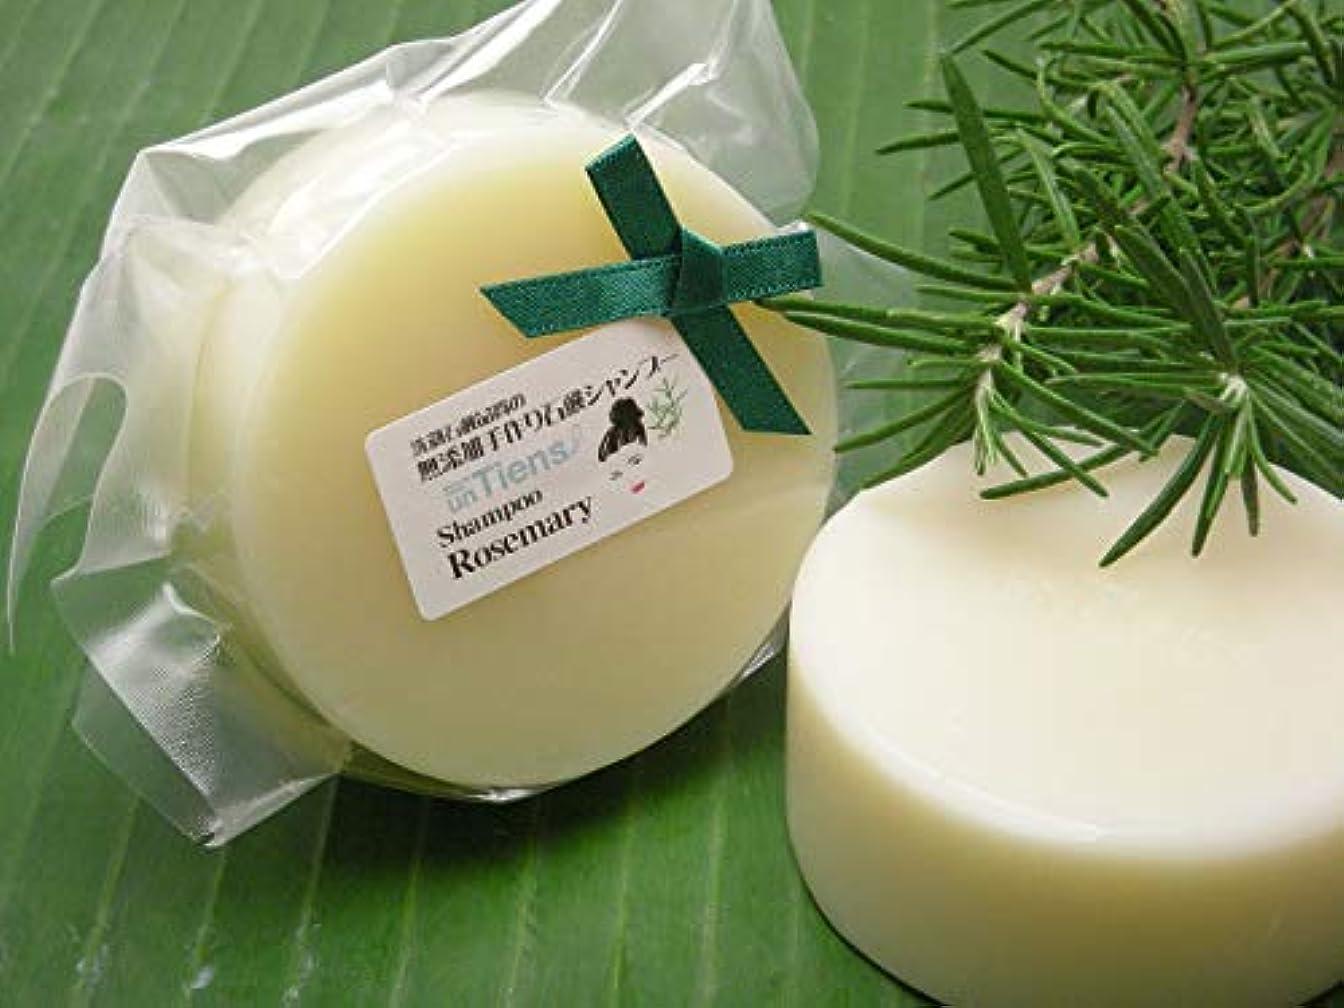 上回る広告する器用洗顔石鹸品質の無添加手作り固形石鹸シャンプー 「ローズマリー」たっぷり使える丸型 お得な3個セット300g